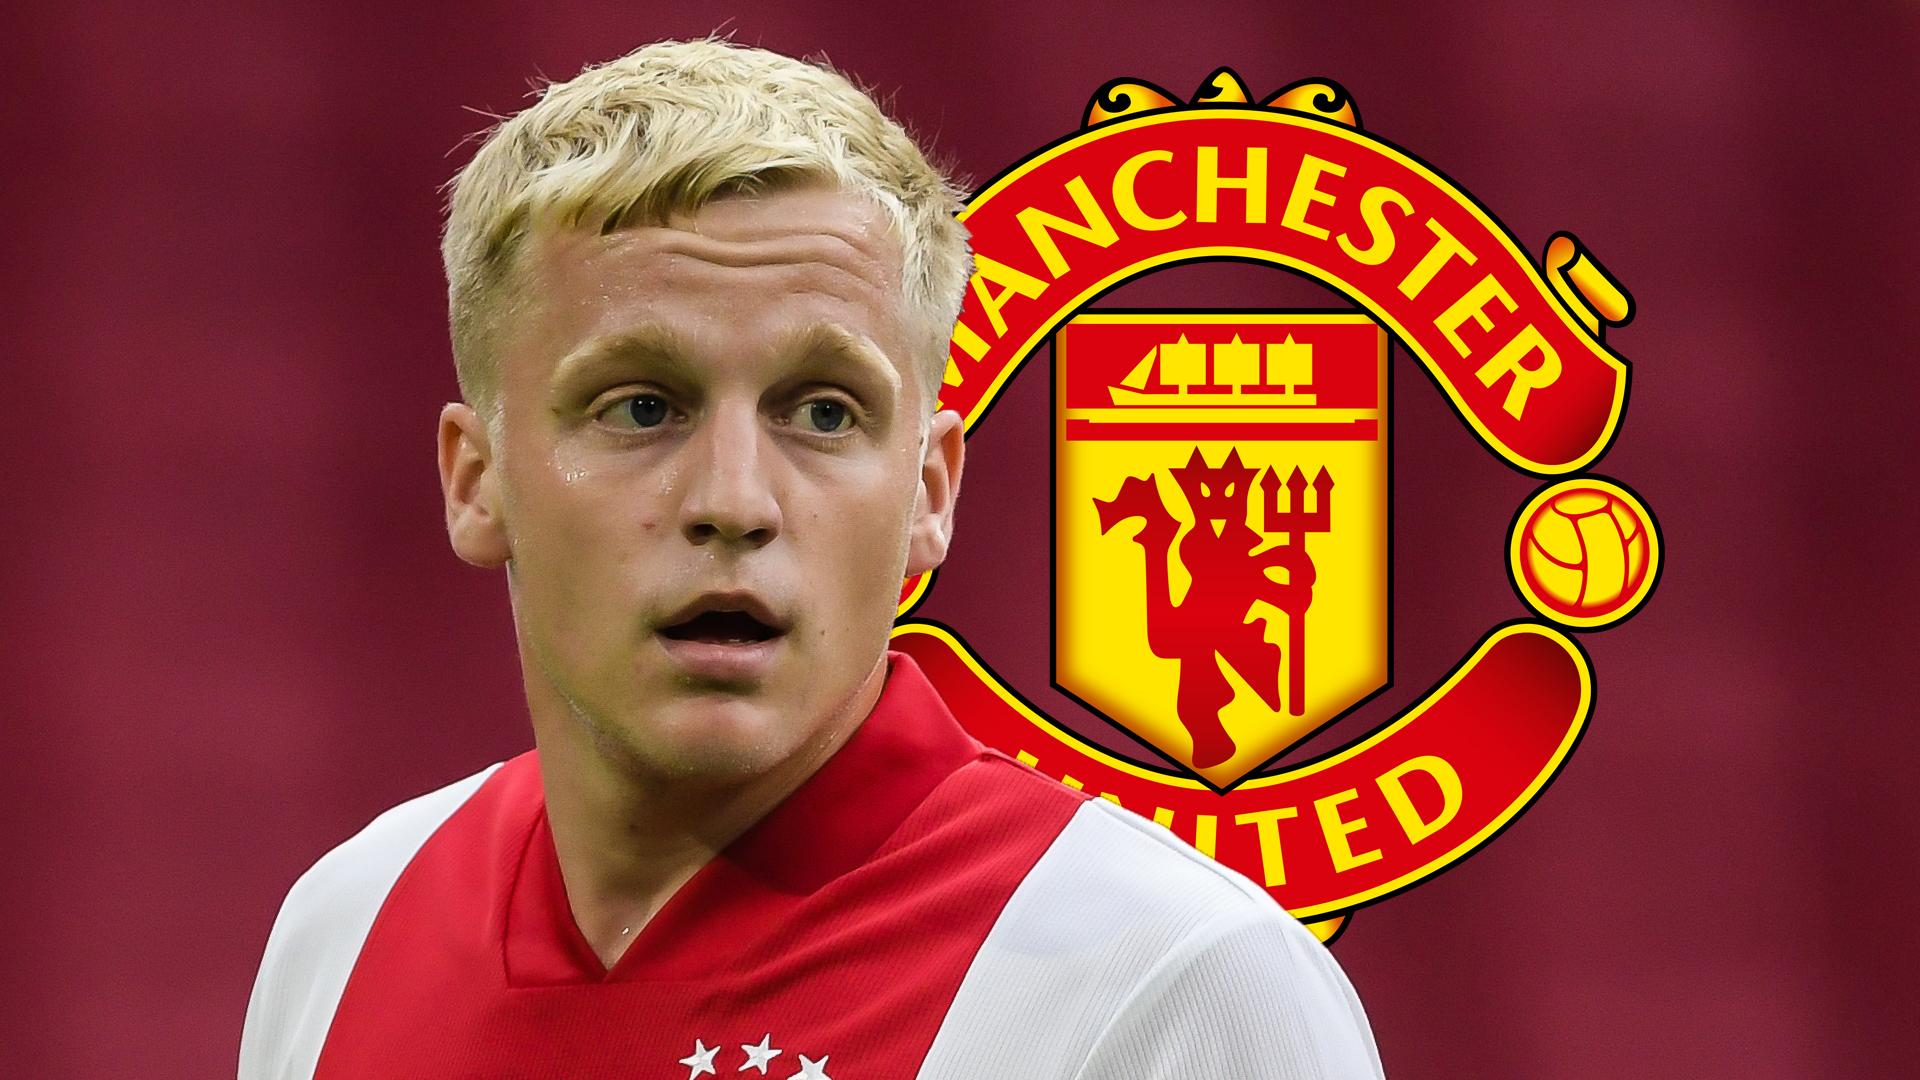 'Van de Beek too good for Ajax; Man Utd are perfect' – Van Hooijdonk expects Dutchman to star for Red Devils